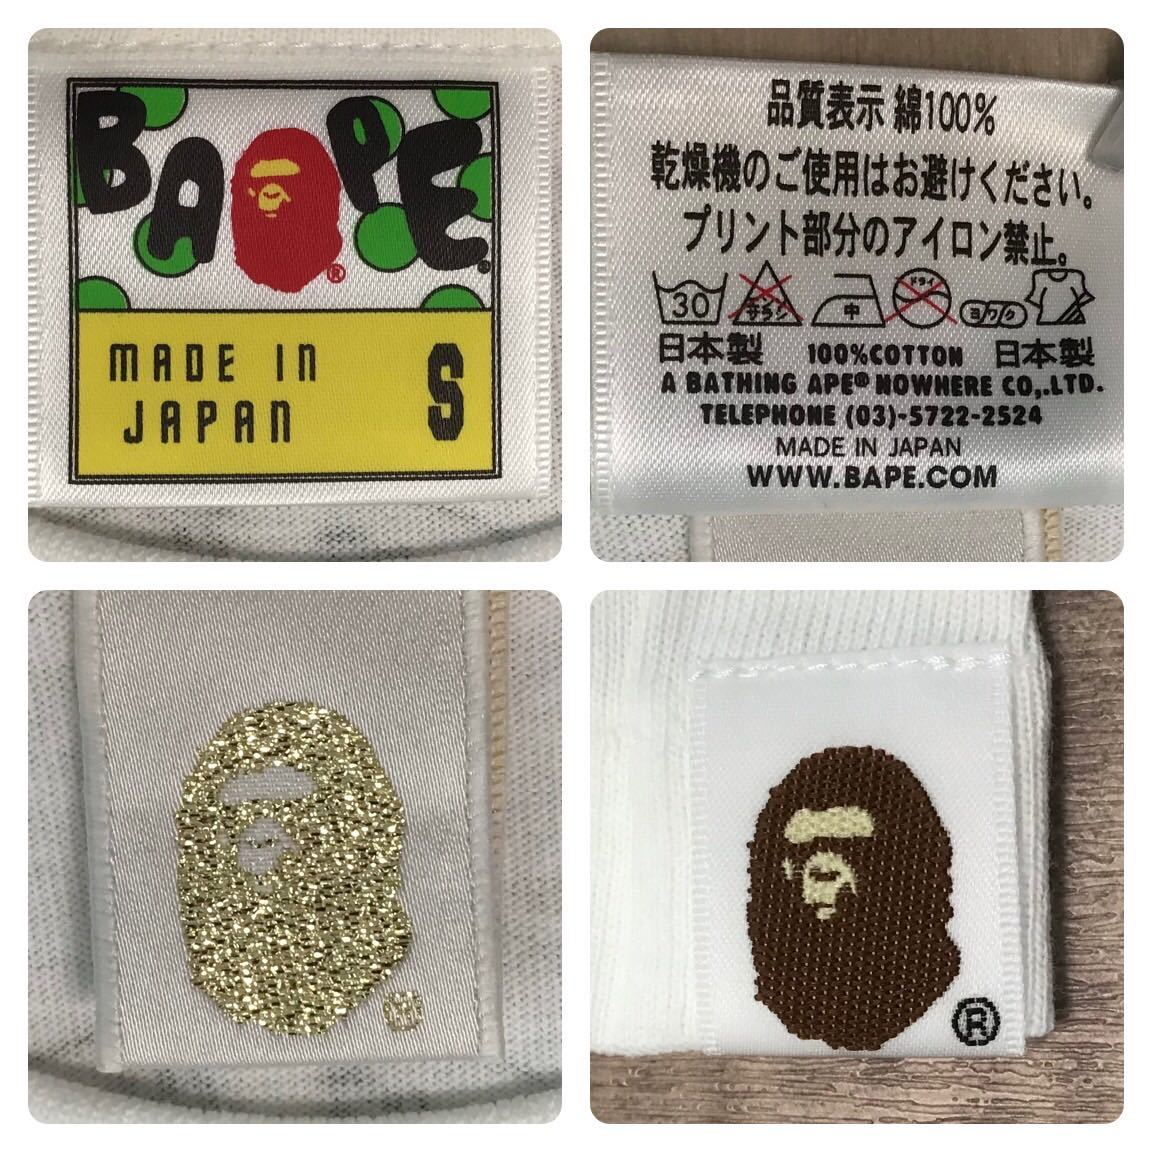 ★新品★ クロムハーツ × bape Tシャツ Sサイズ a bathing ape Chrome Hearts エイプ ベイプ アベイシングエイプ milo マイロ nigo 58gd